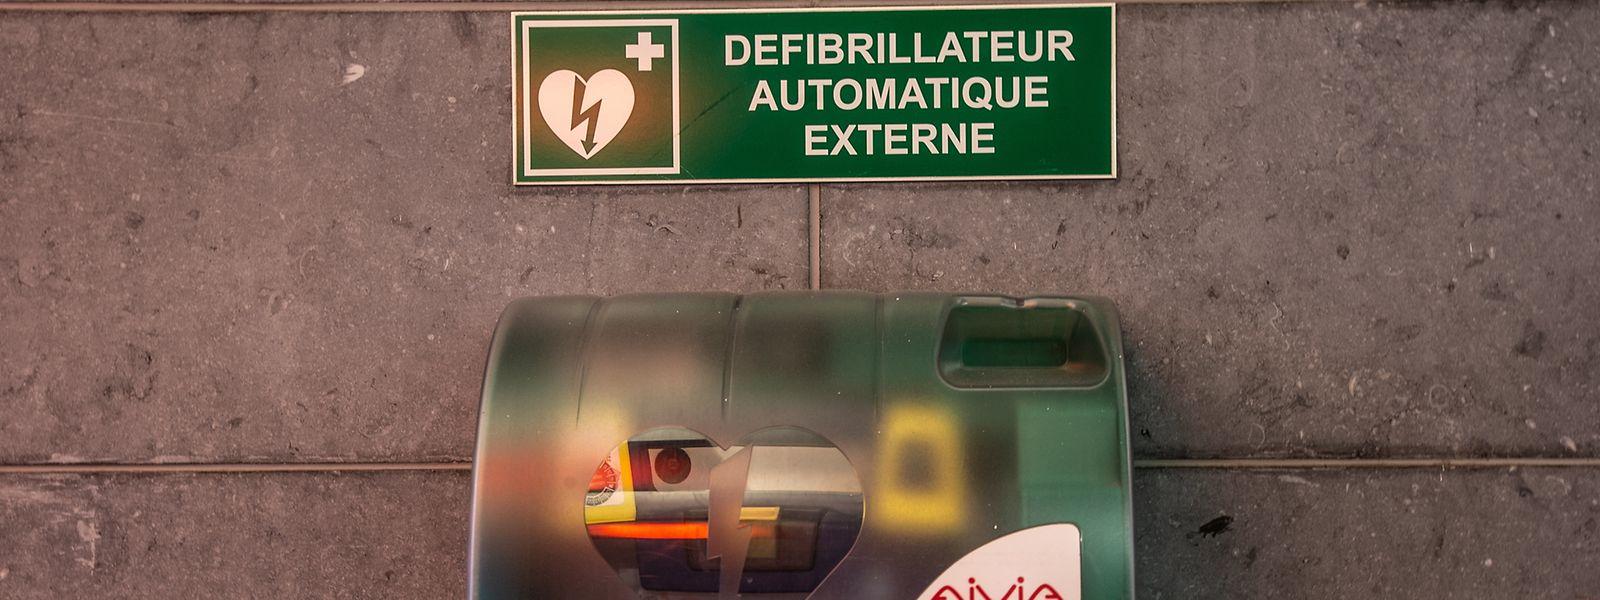 Mehr als 3.000 Defibrillatoren sind im Großherzogtum verteilt, hier am Bahnhof in Luxemburg-Stadt.